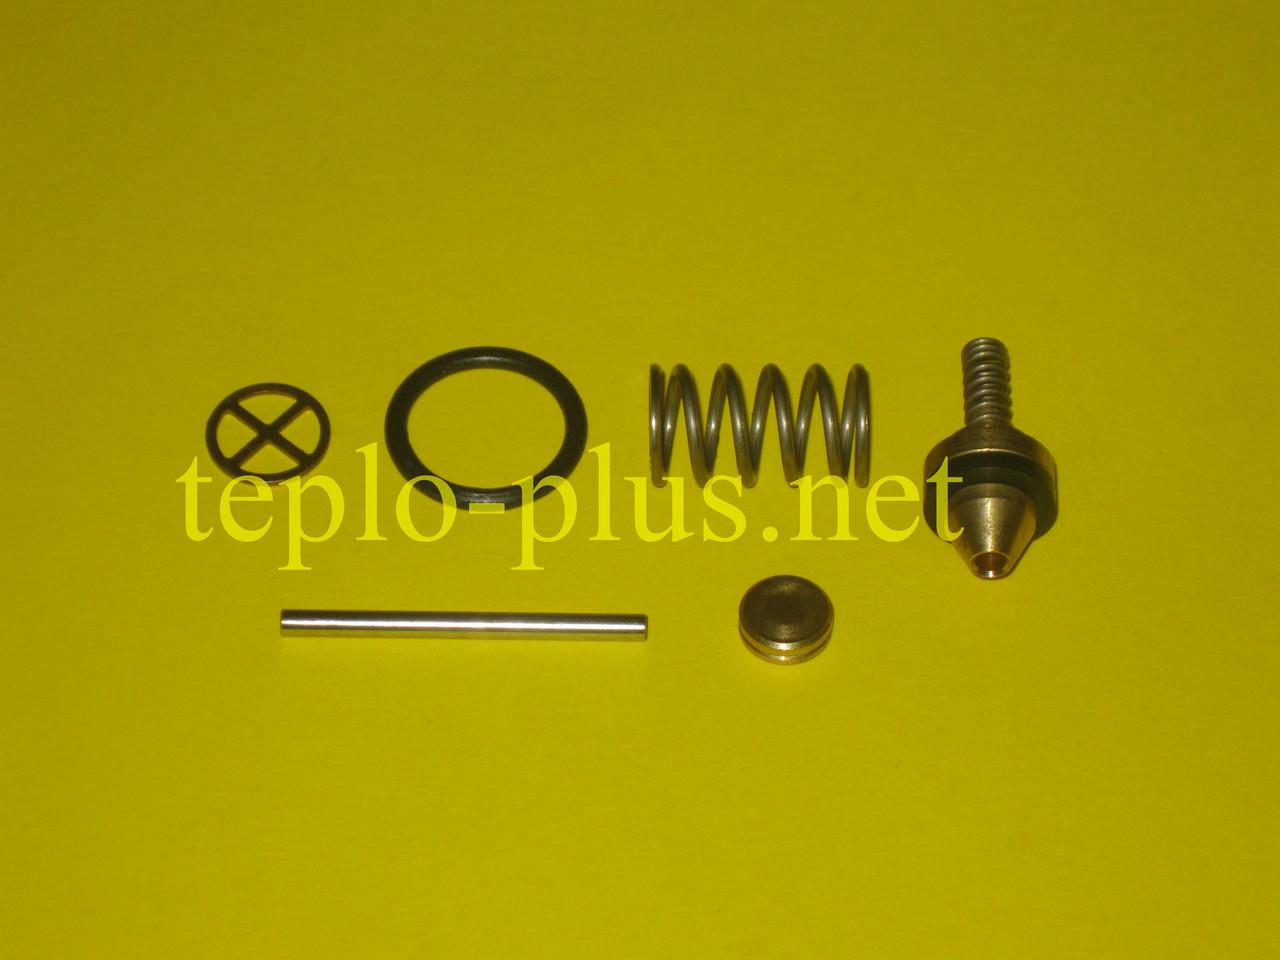 Ремкомплект газо-водяного блока Beretta Idrabagno Aqua 11, 11 i, 14, 14 i, фото 2